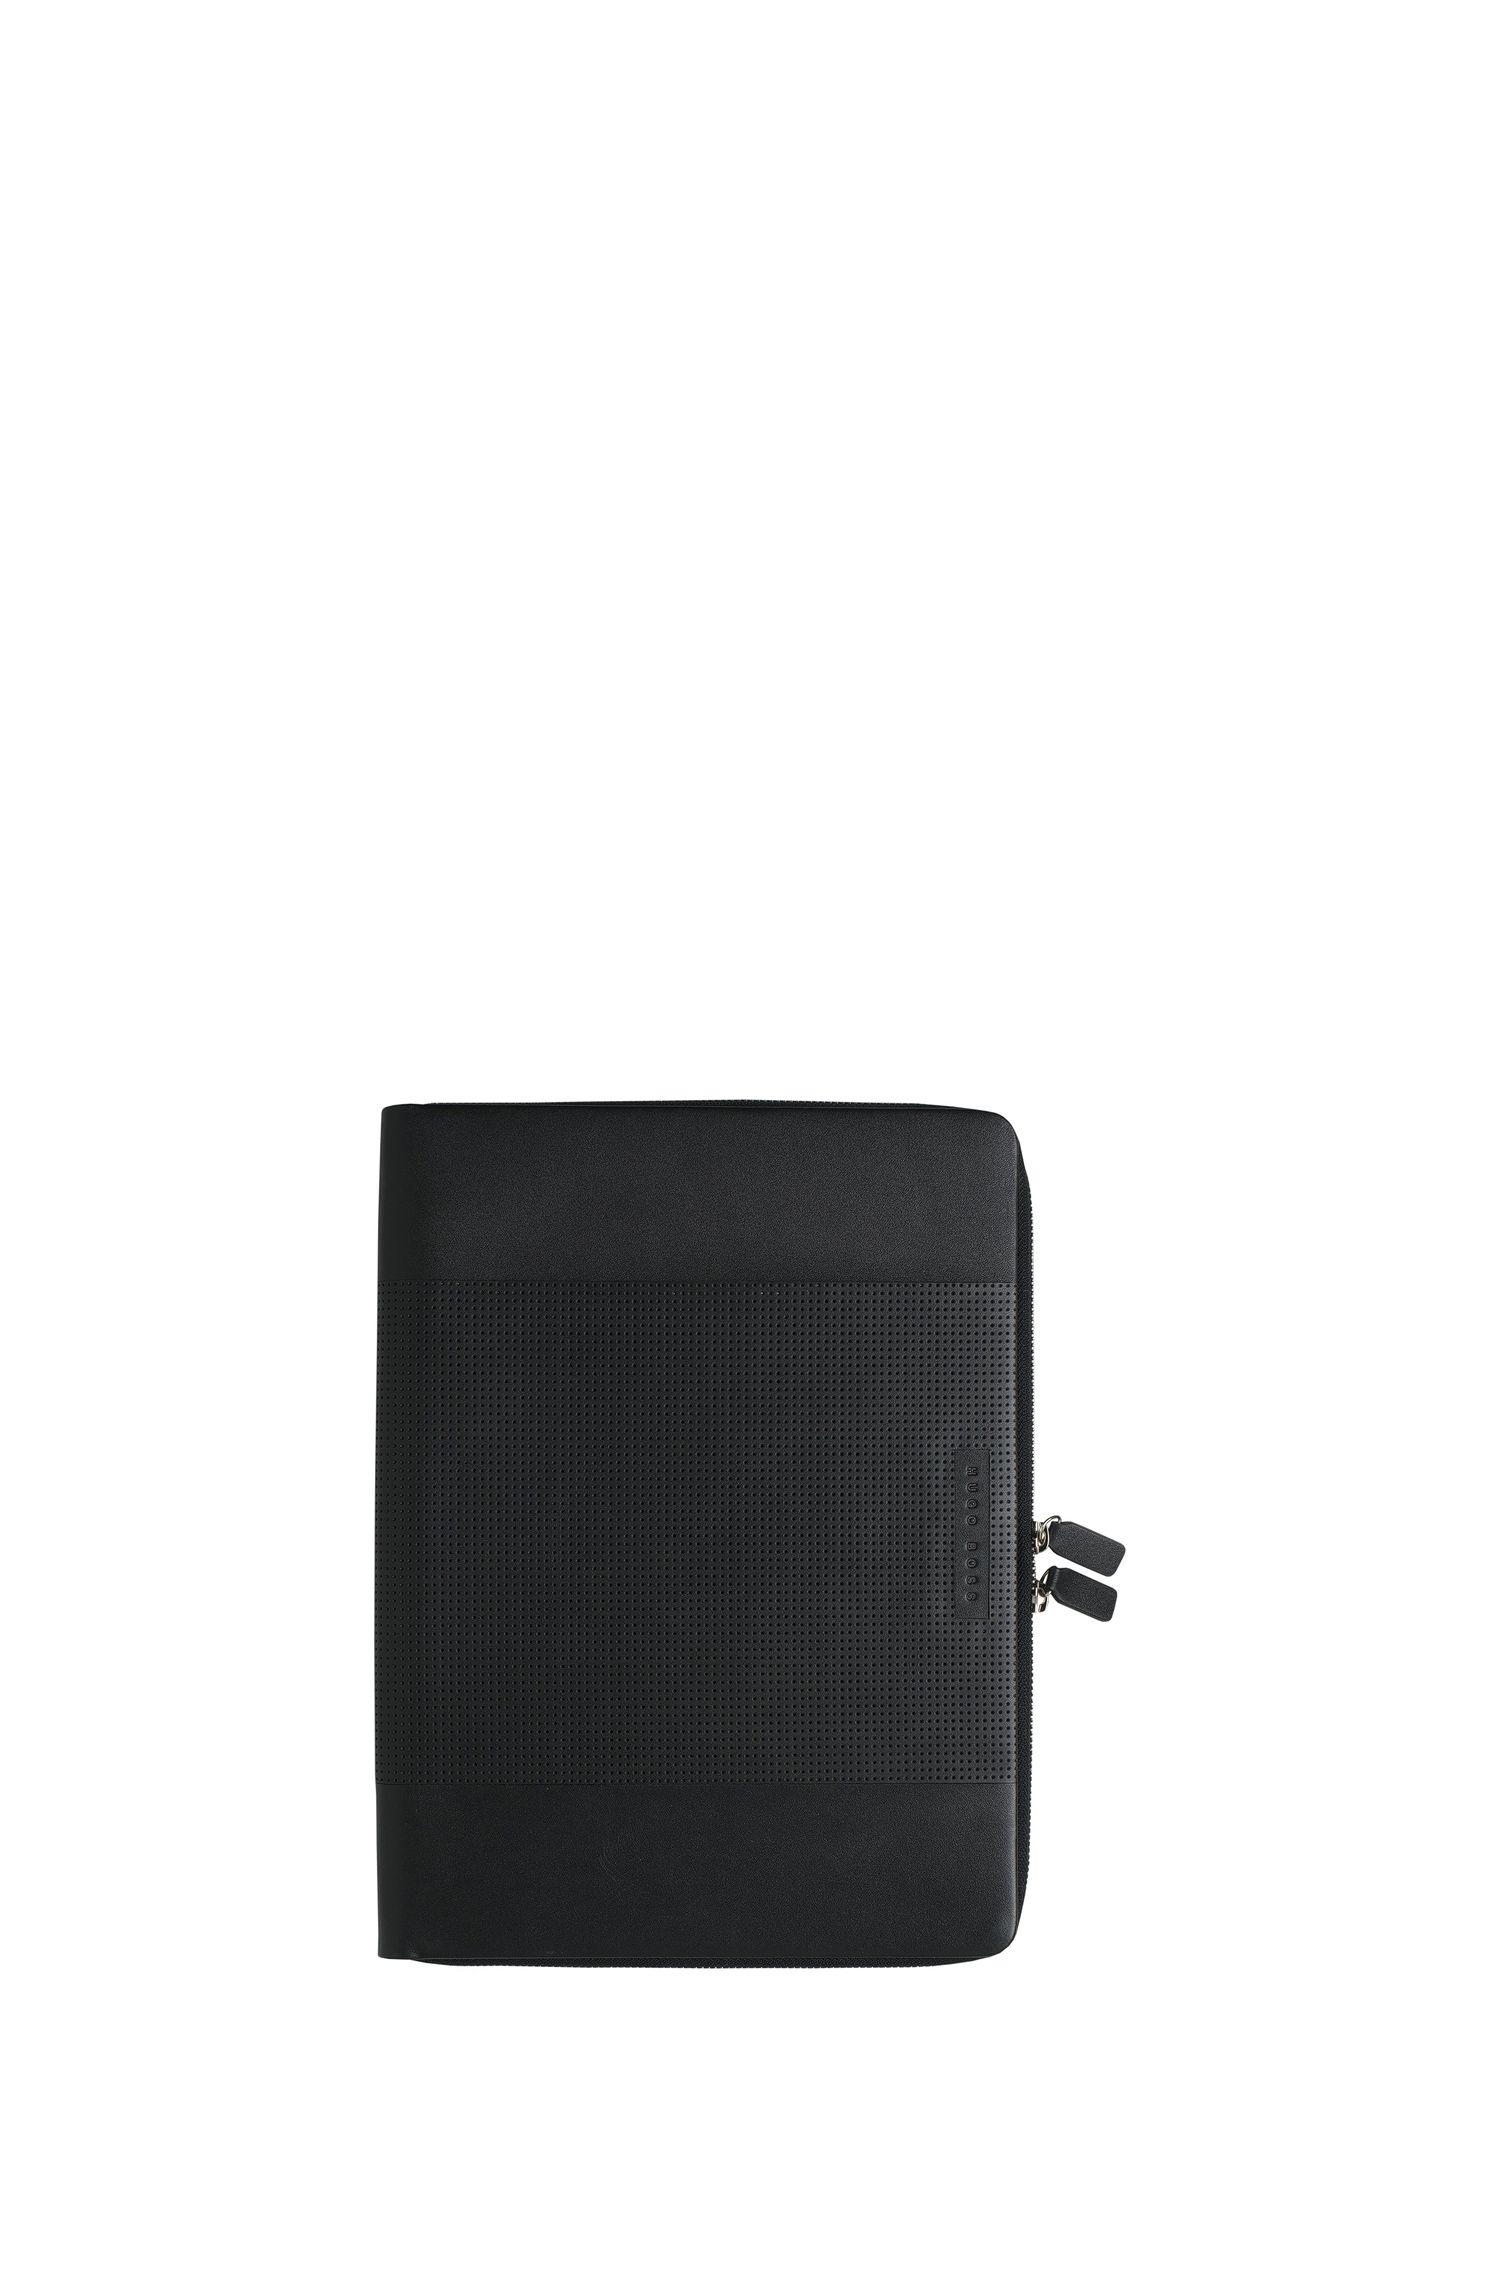 Cartella A4 con zip in pelle lavorata nera